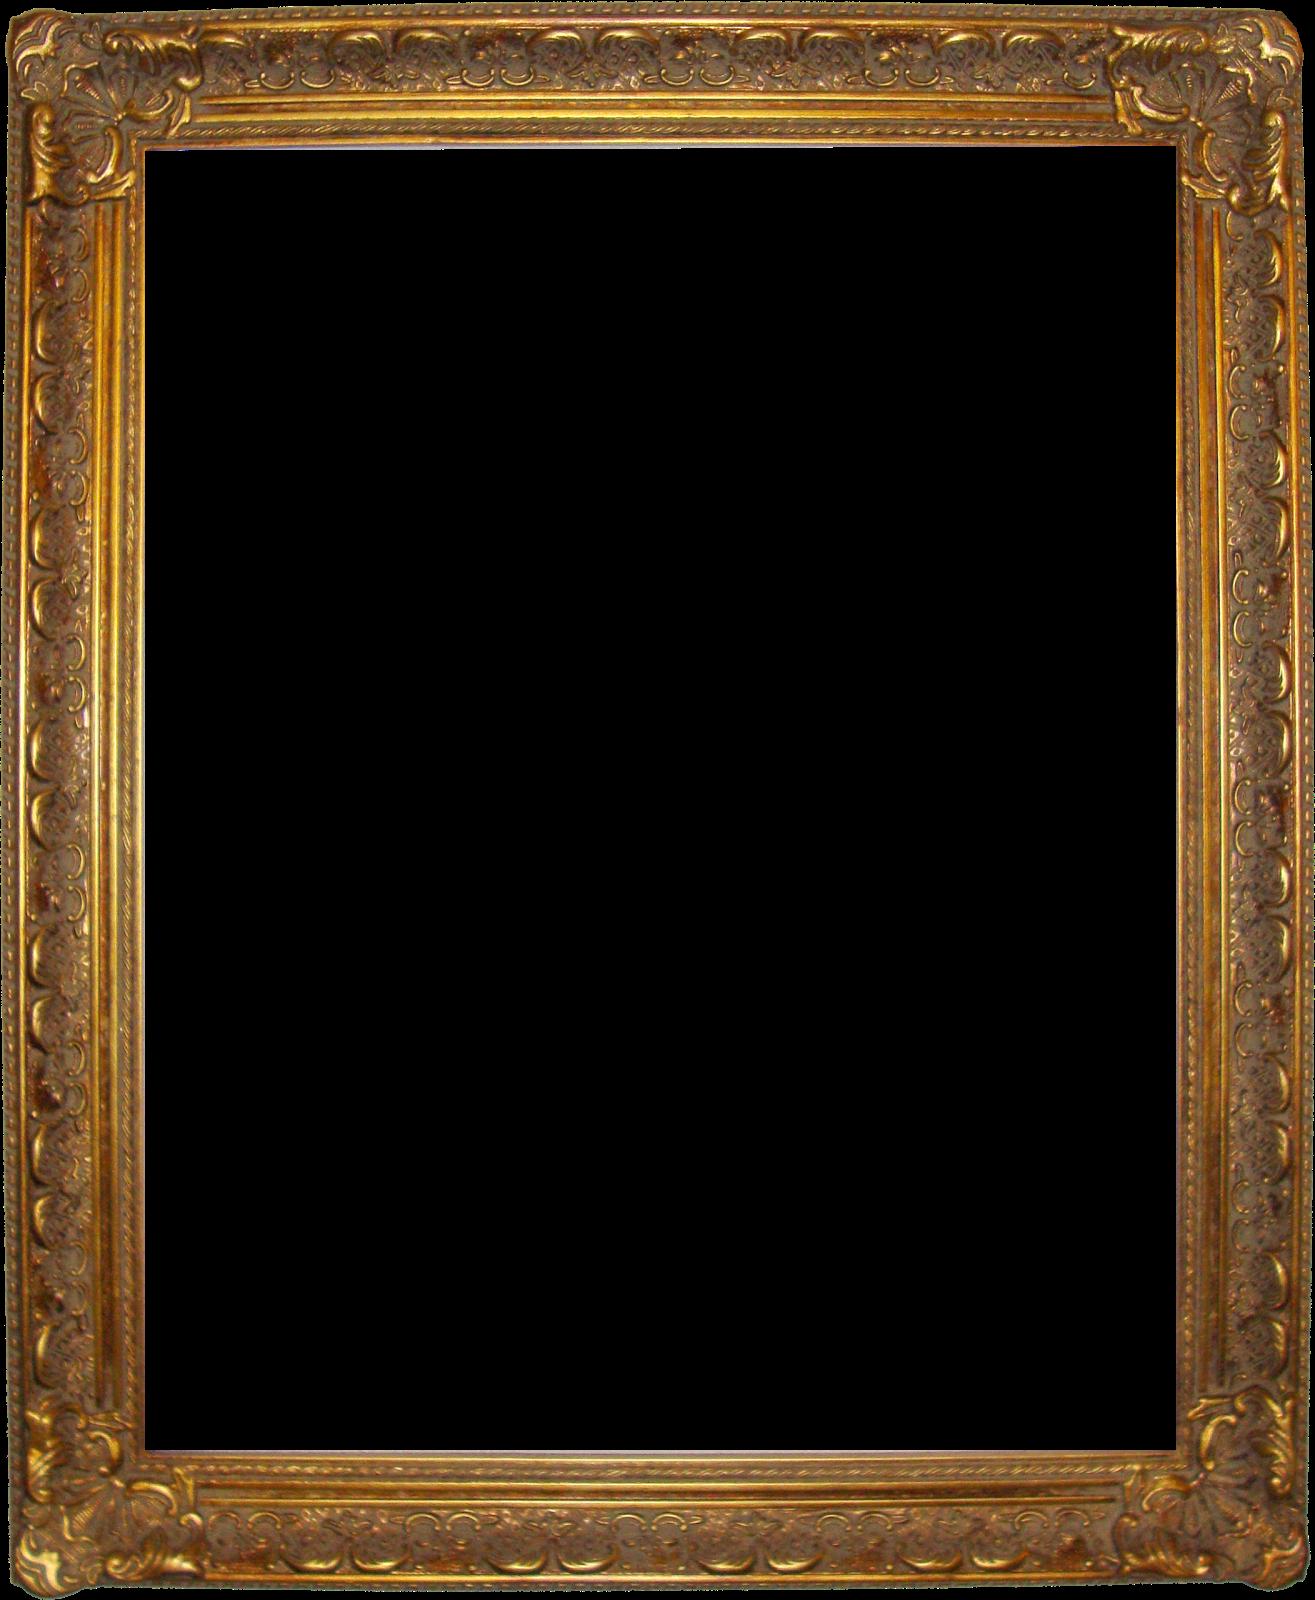 Vintage gold frame png. Simple pinterest simplevintagegoldframepng